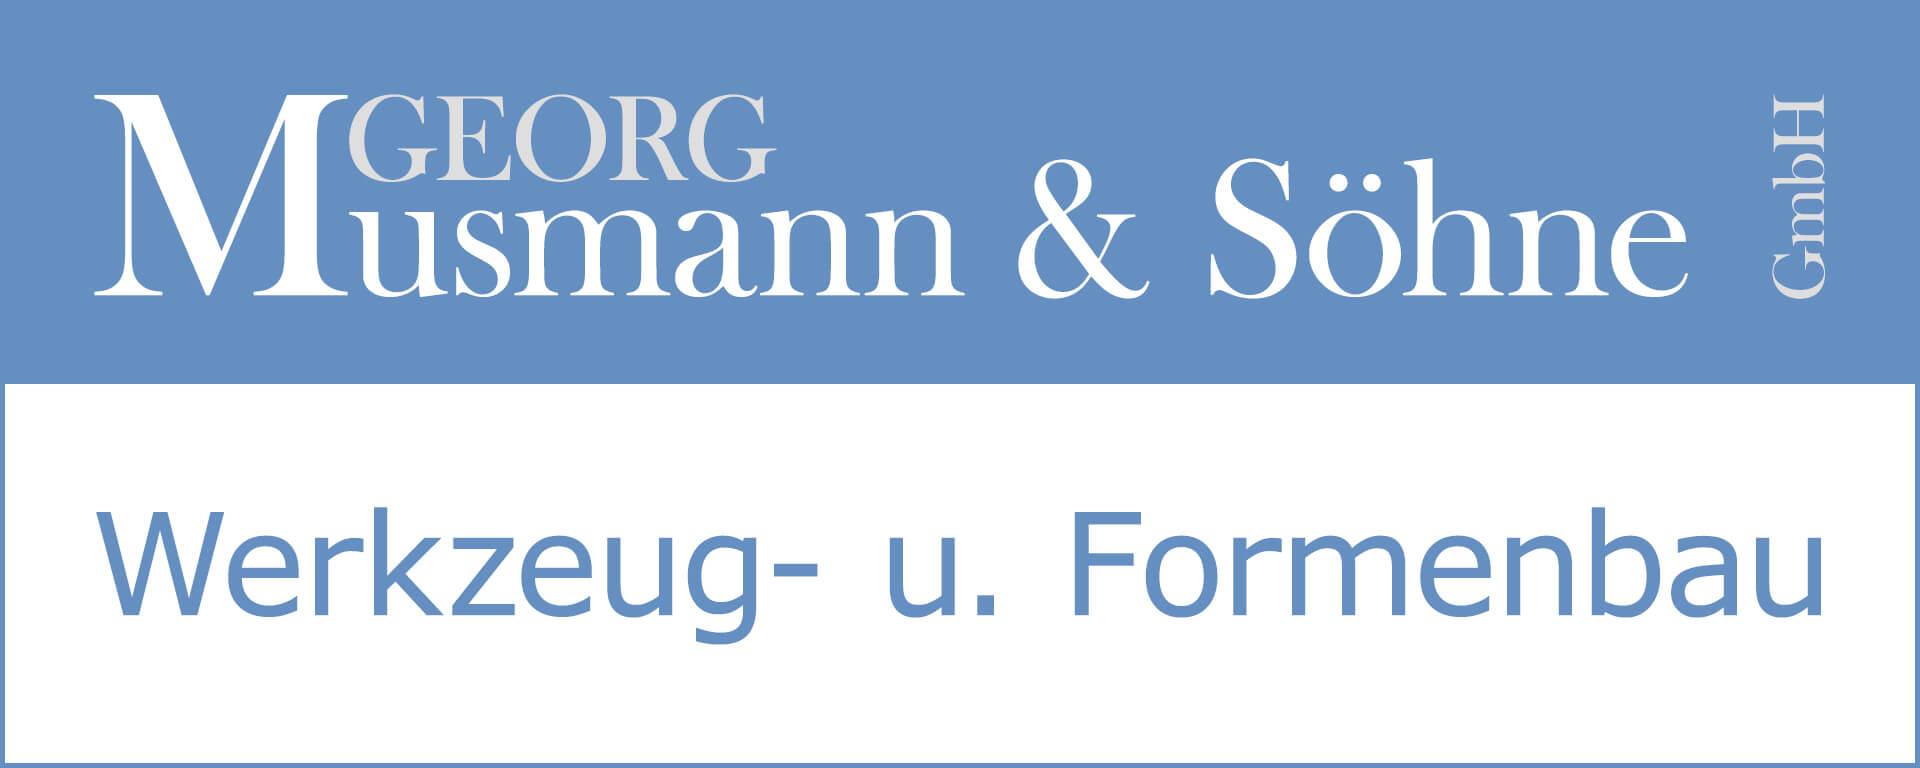 Musmann & Söhne